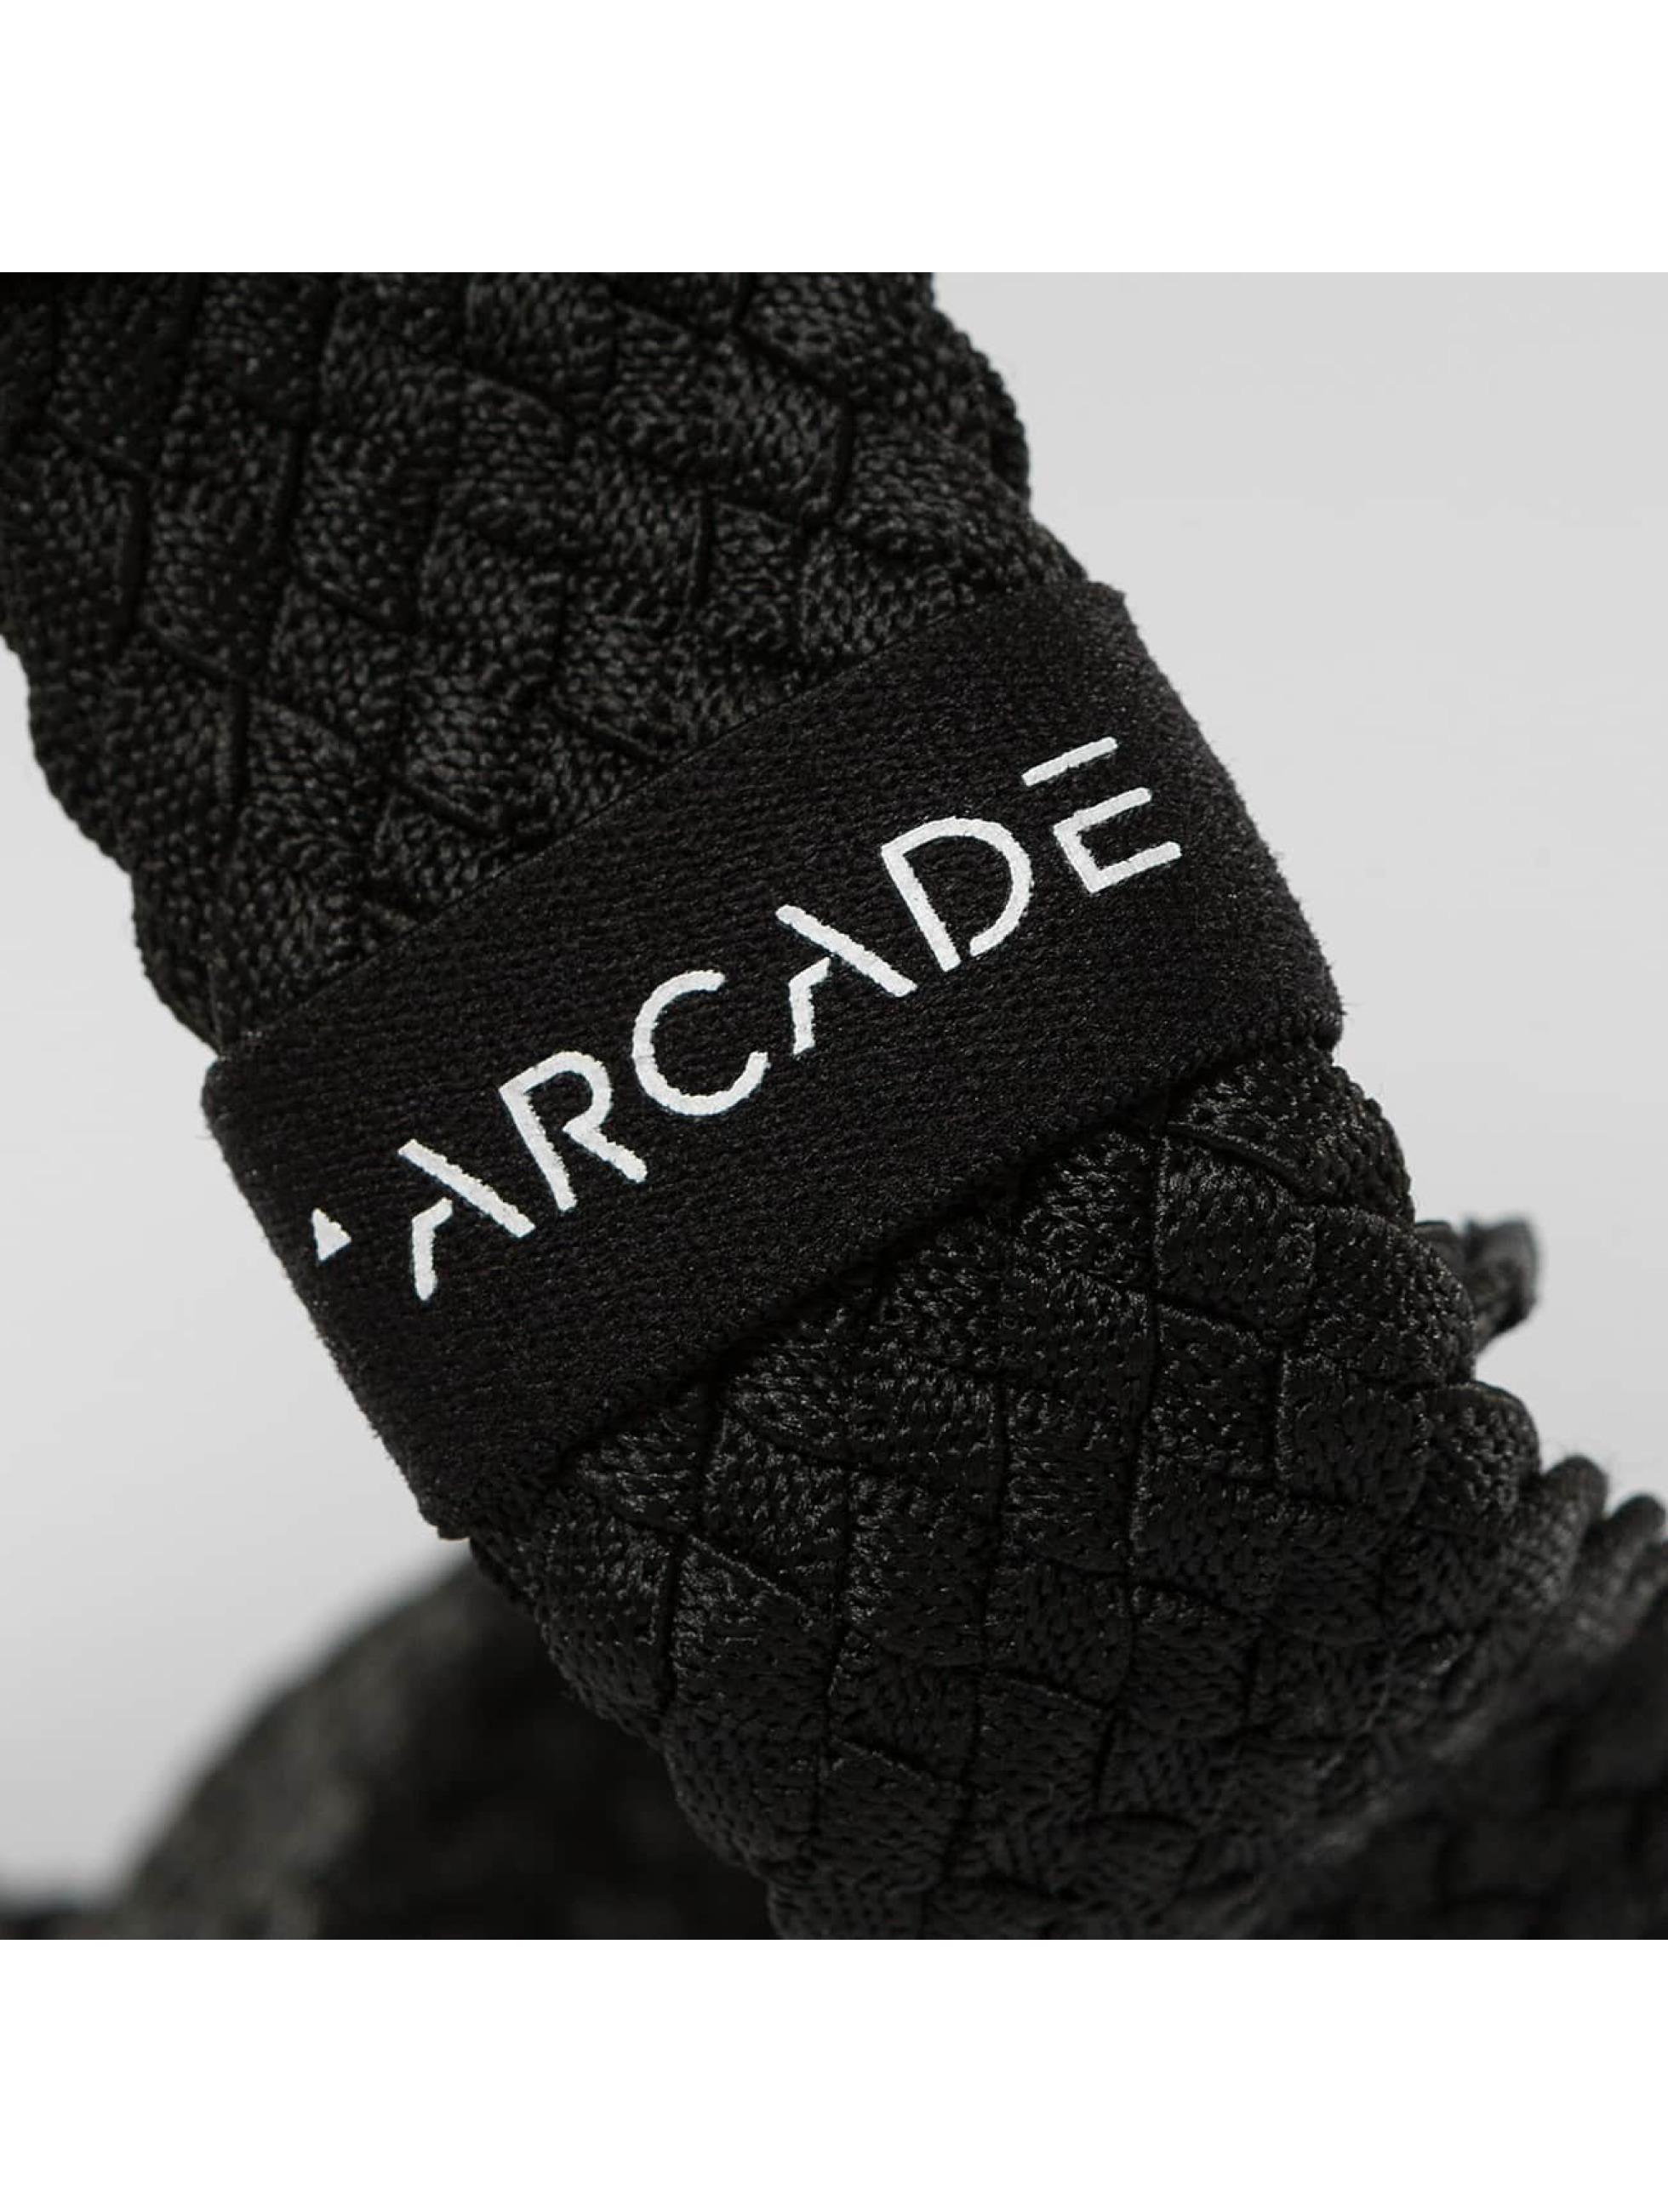 ARCADE Vyöt Futureweave Collection Vapor musta